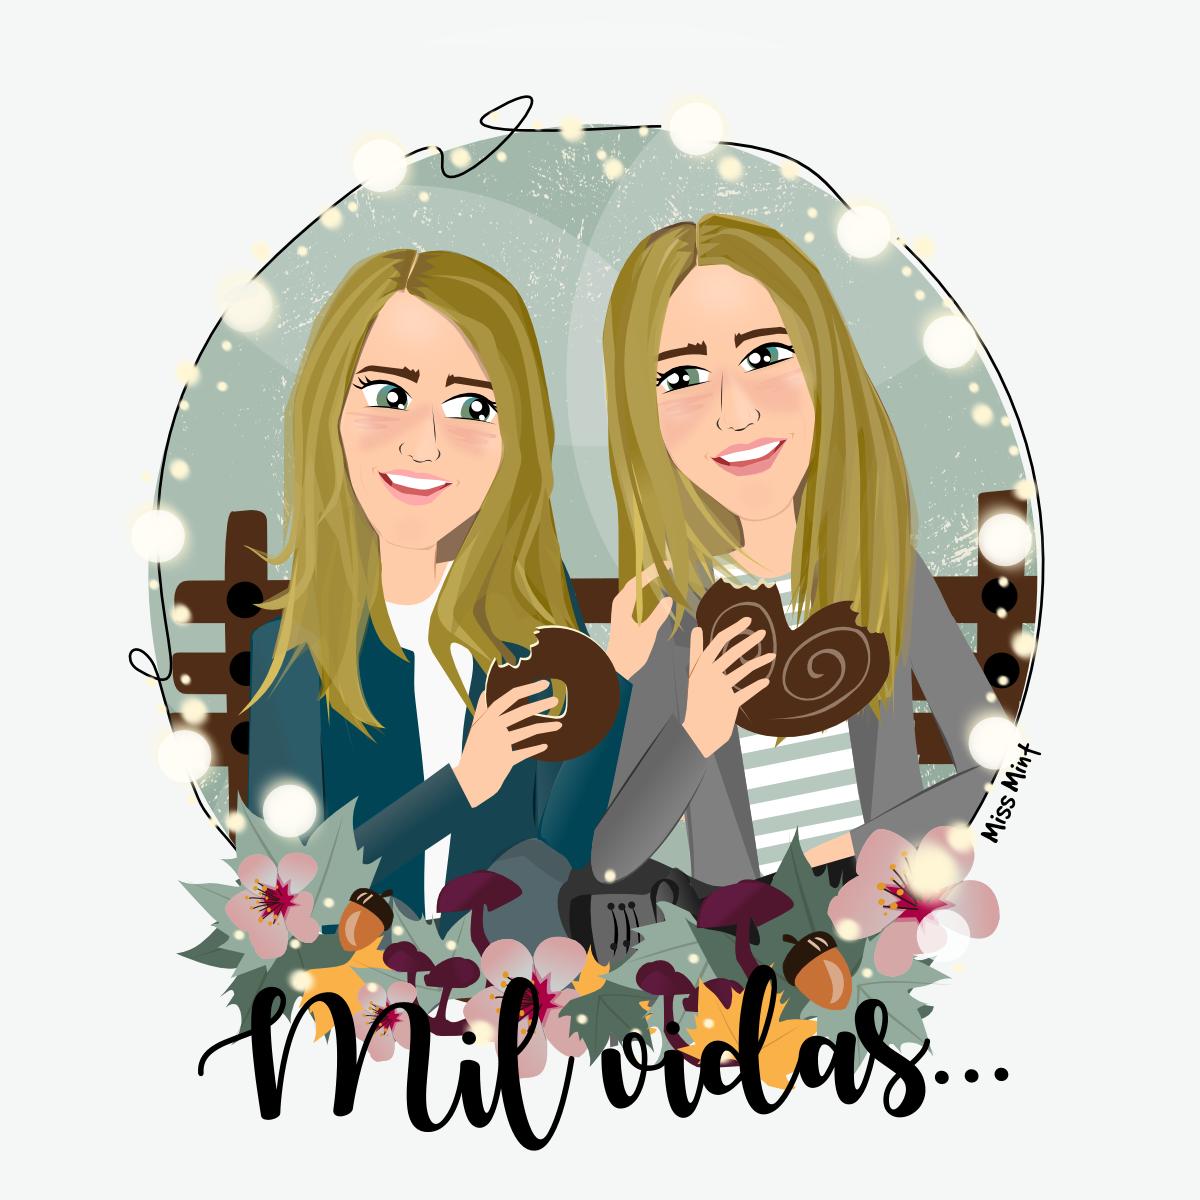 regalos personalizados para hermanas | Miss Mint